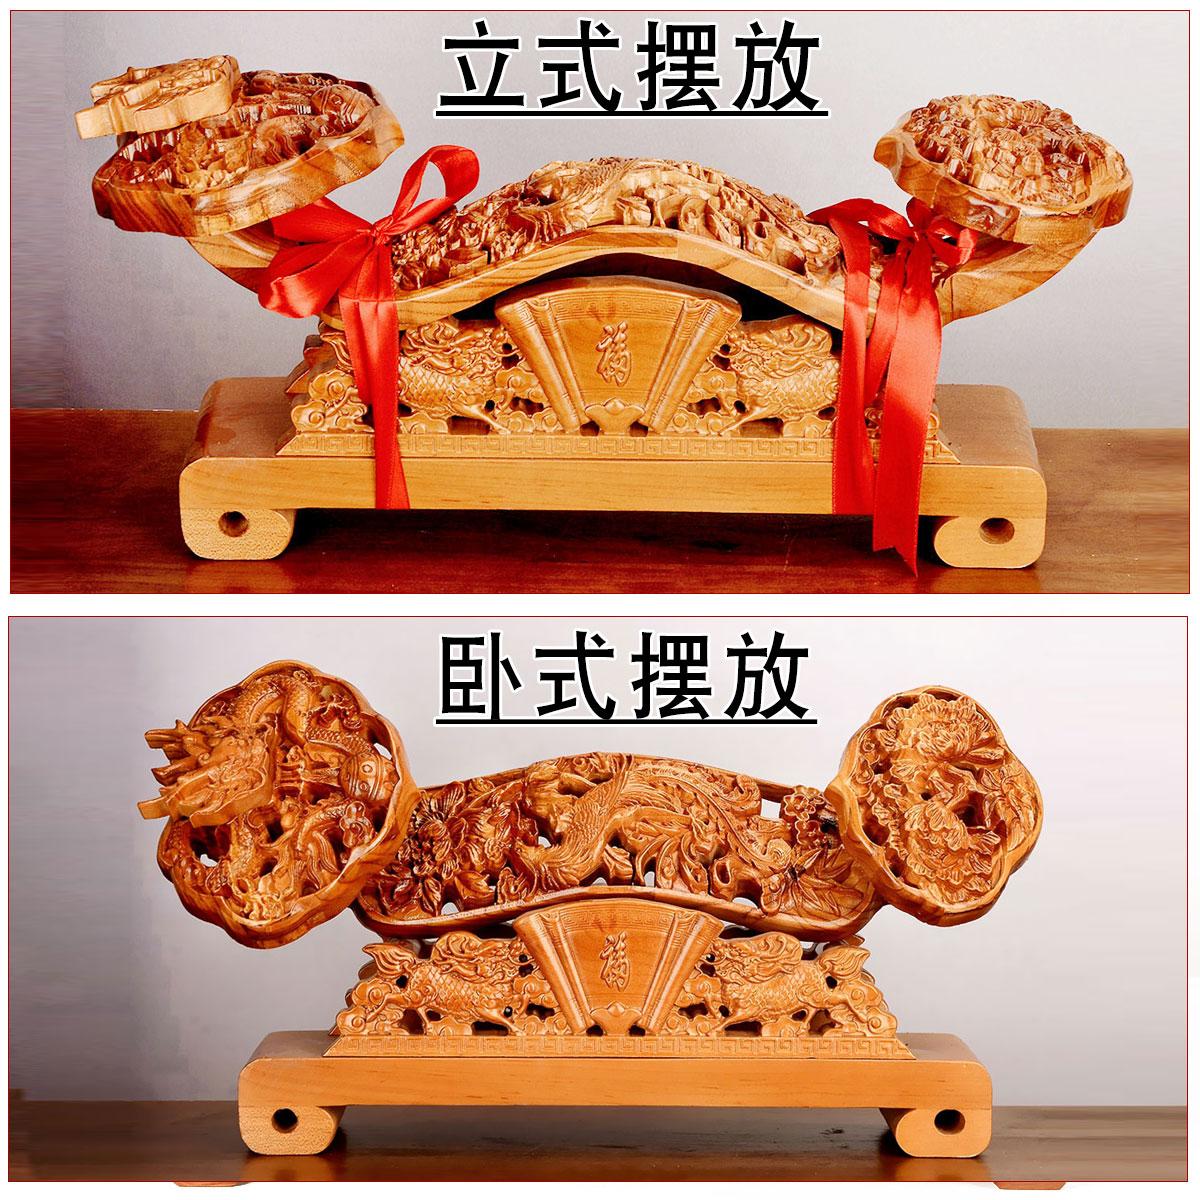 风水阁 桃木如意摆件木雕摆设福禄寿桃家居客厅工艺品礼品